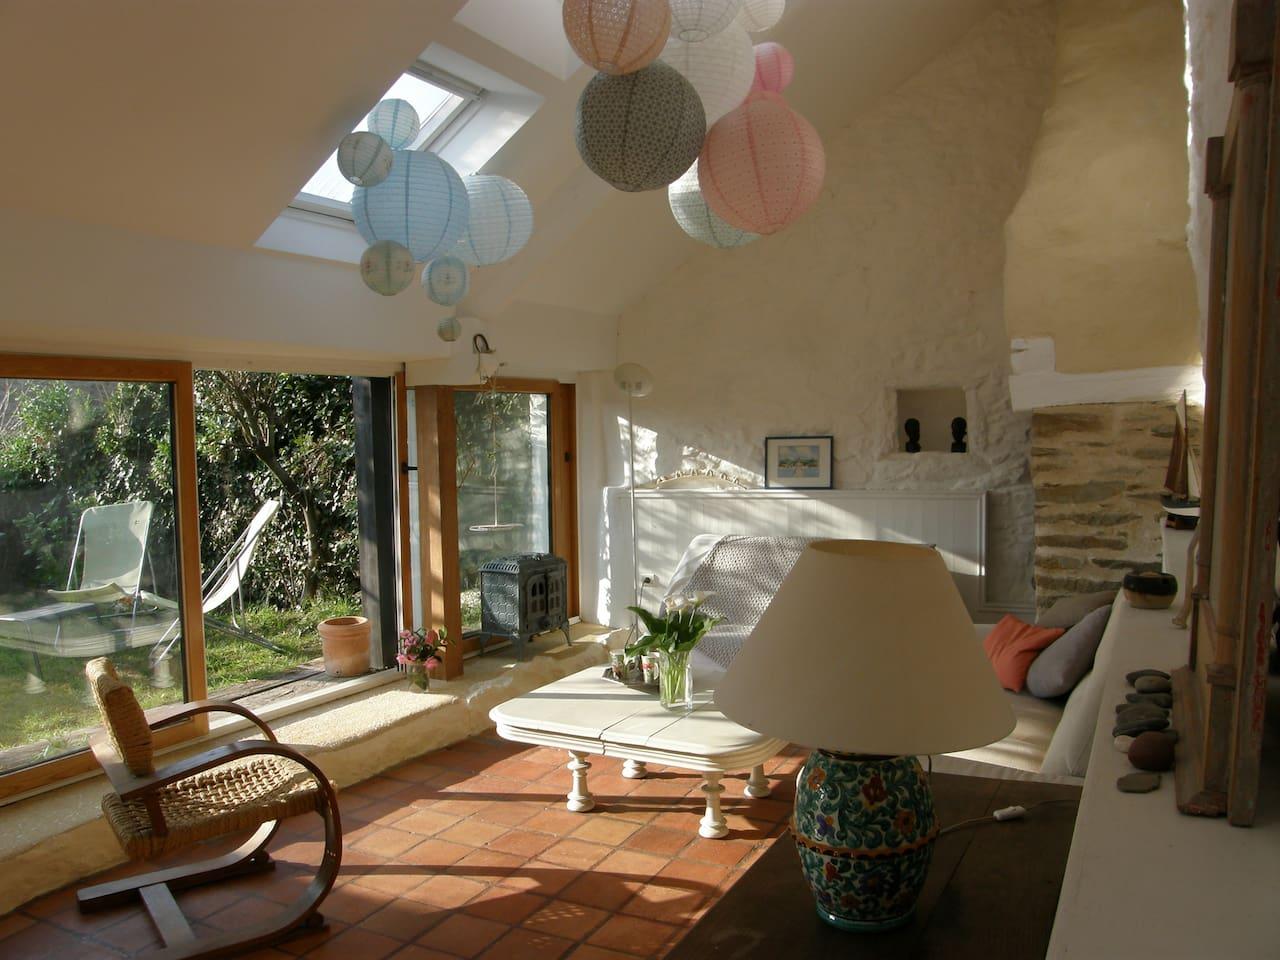 partie salon, plein ouest,  donnant sur un petit jardin privatif entouré de mur